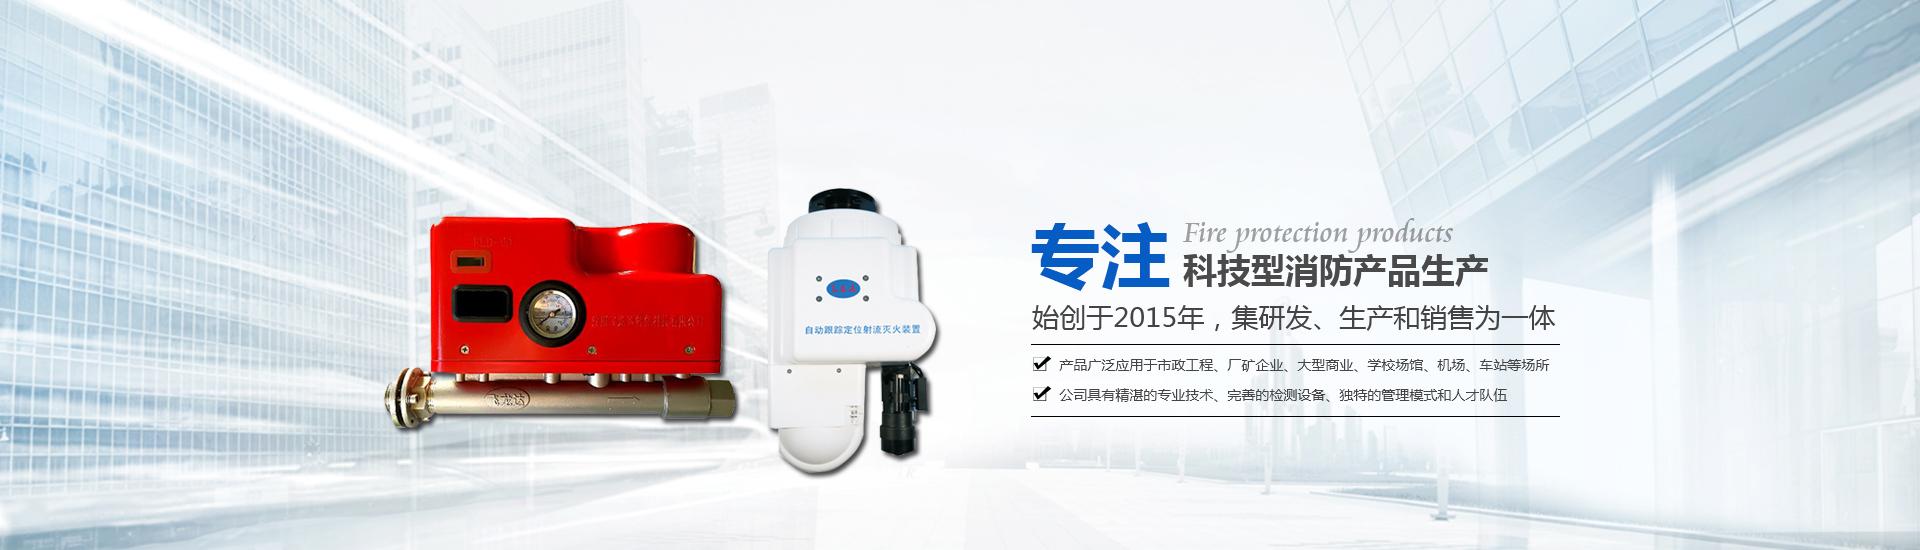 http://www.syfld.cn/data/upload/202009/20200923165948_621.jpg